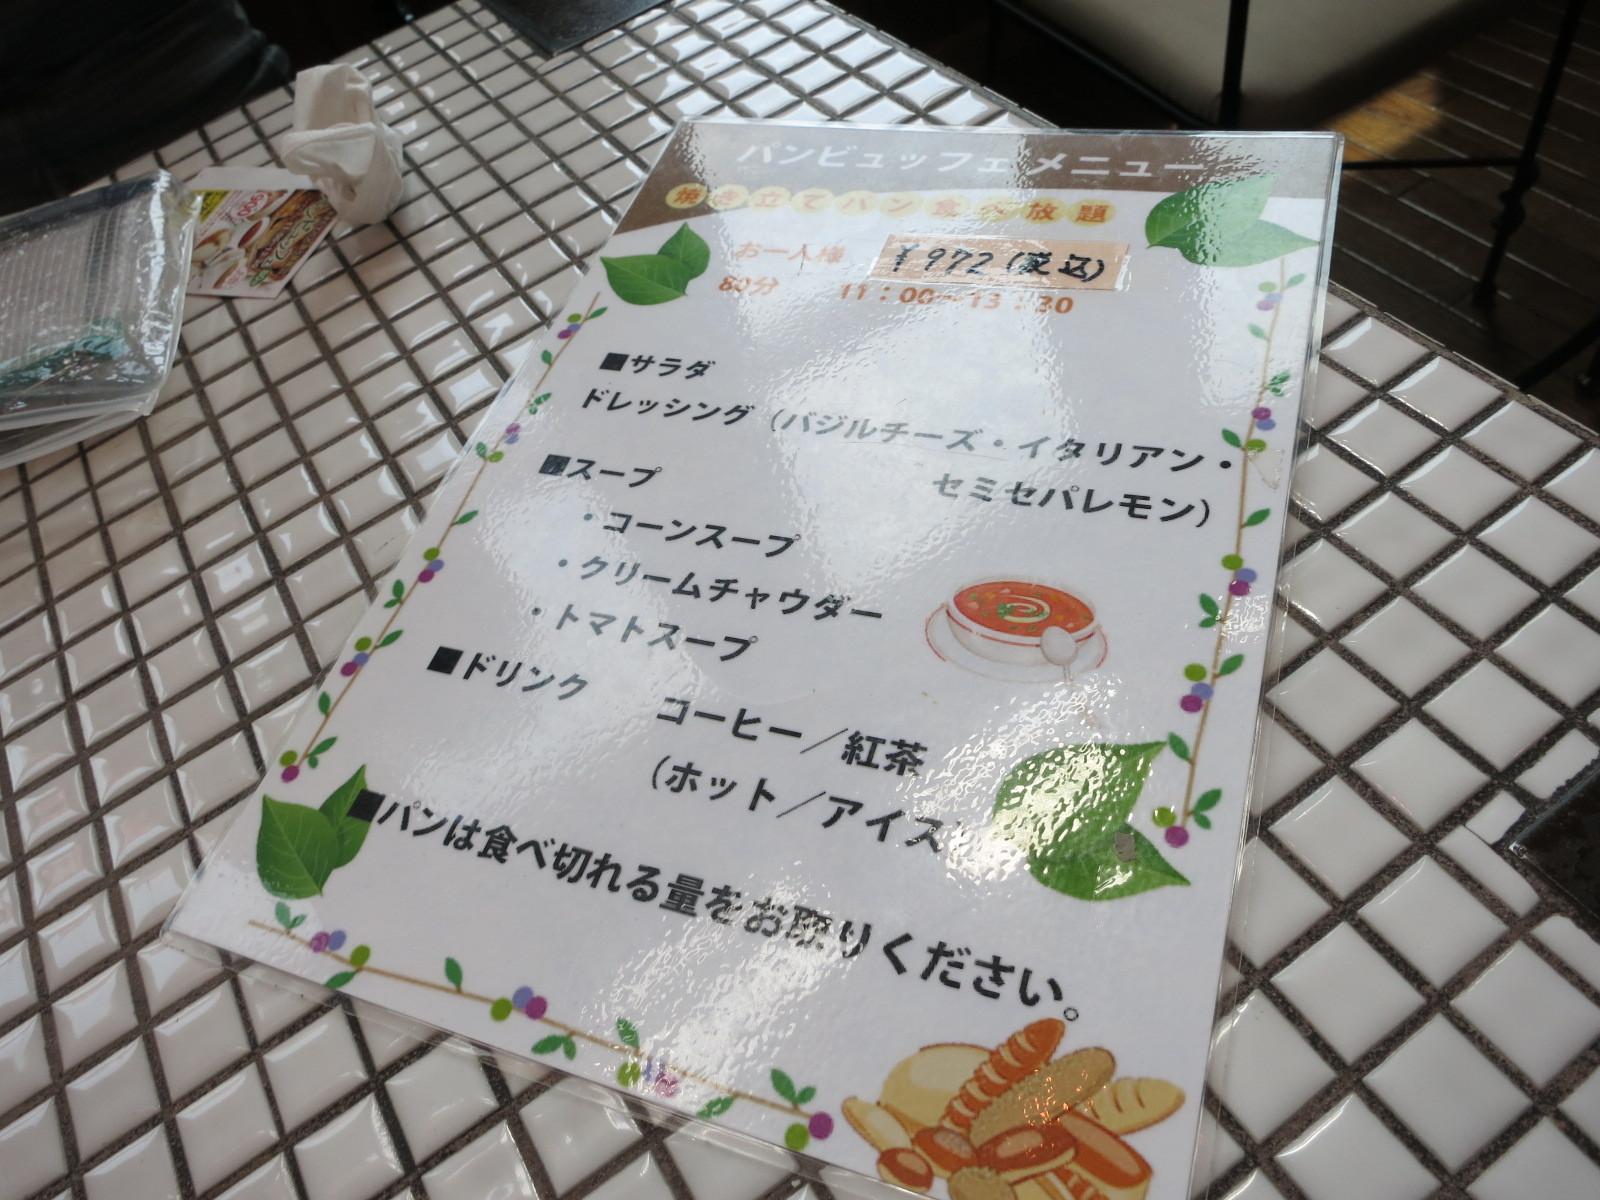 シェレンバウム 西那須野店 name=